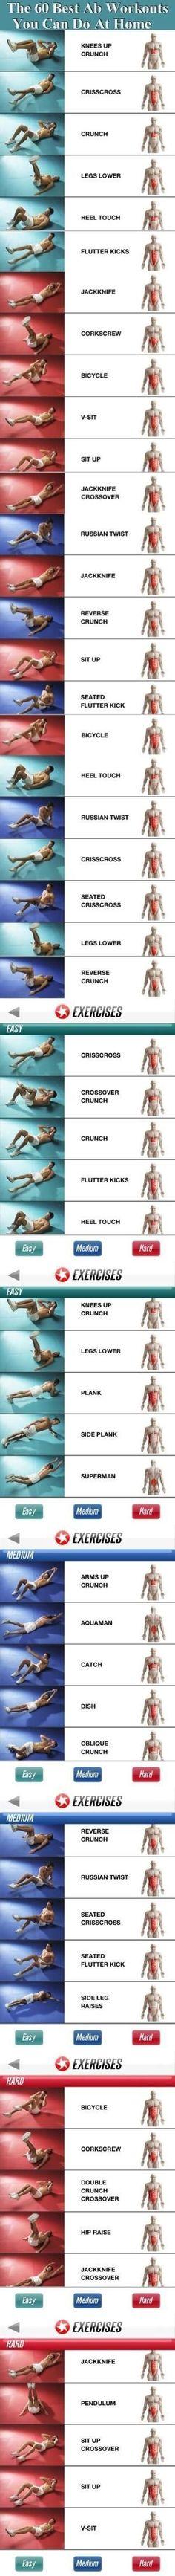 ab workout by esmeralda